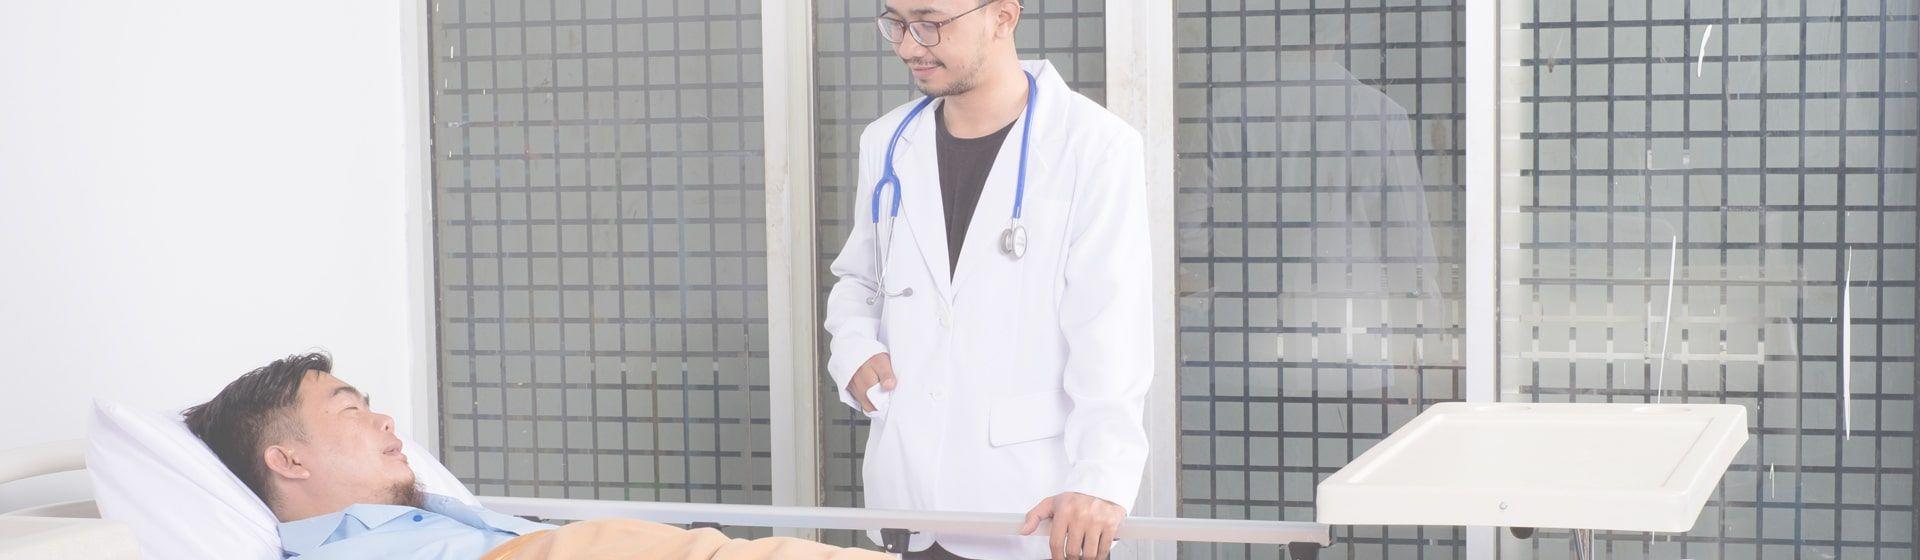 Keine Extras in Wahltarifen der gesetzlichen Krankenkassen